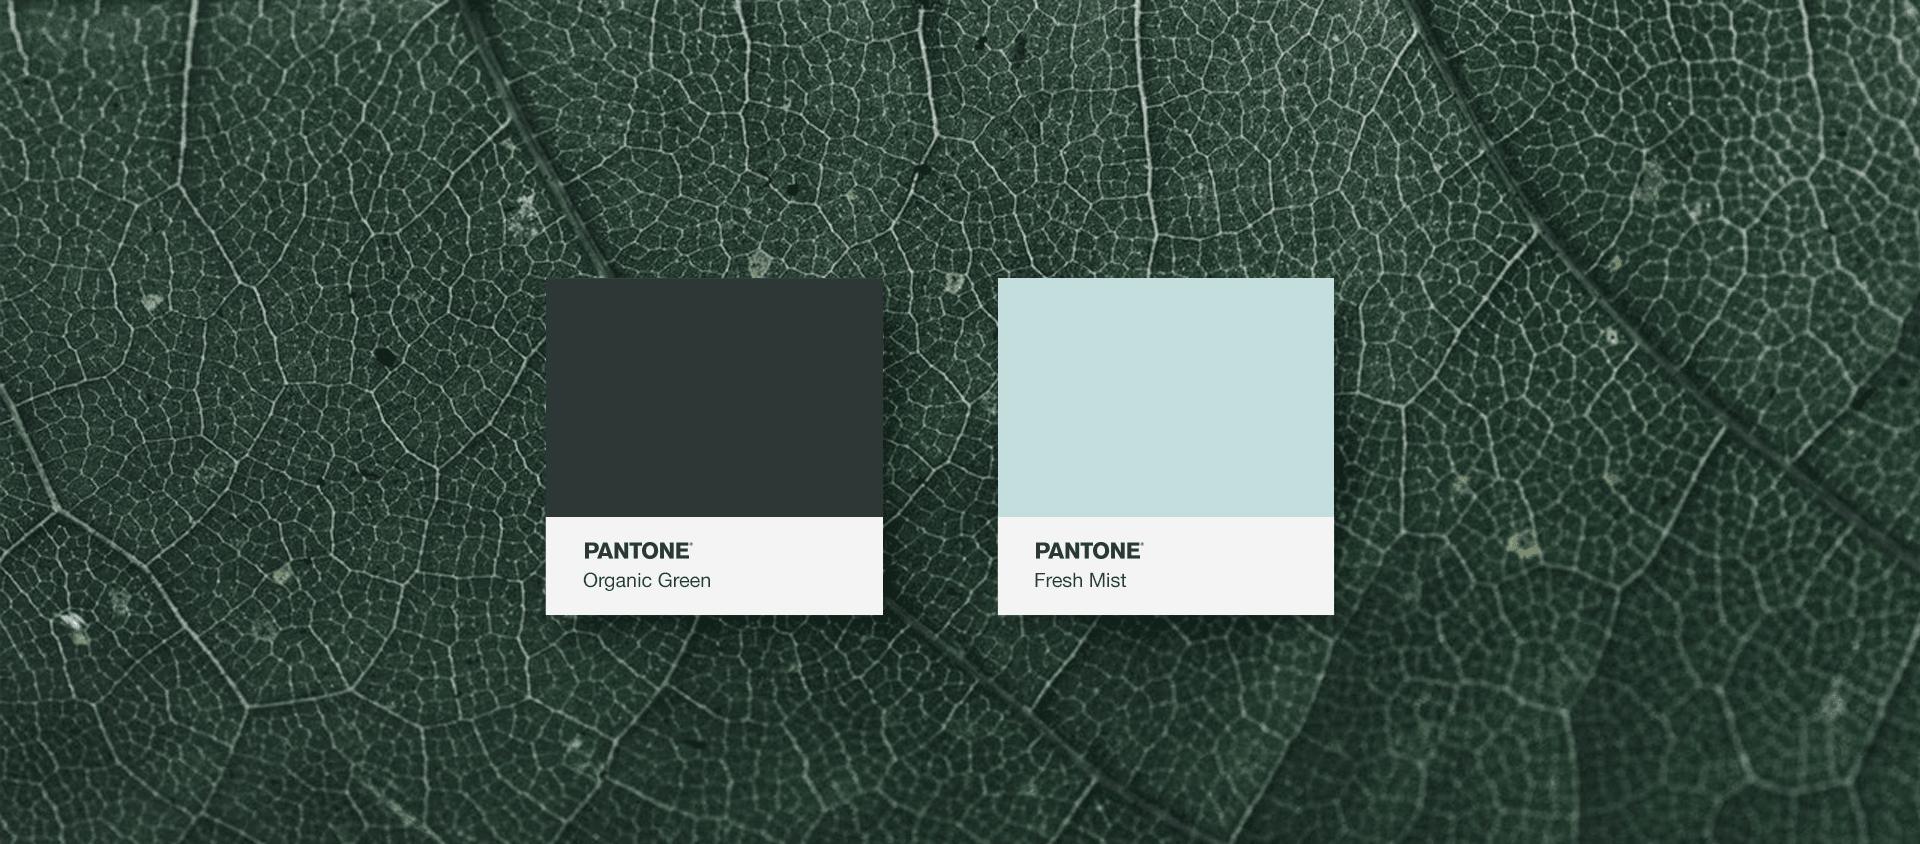 colors-bivir-toothpaste-yoenpaperland